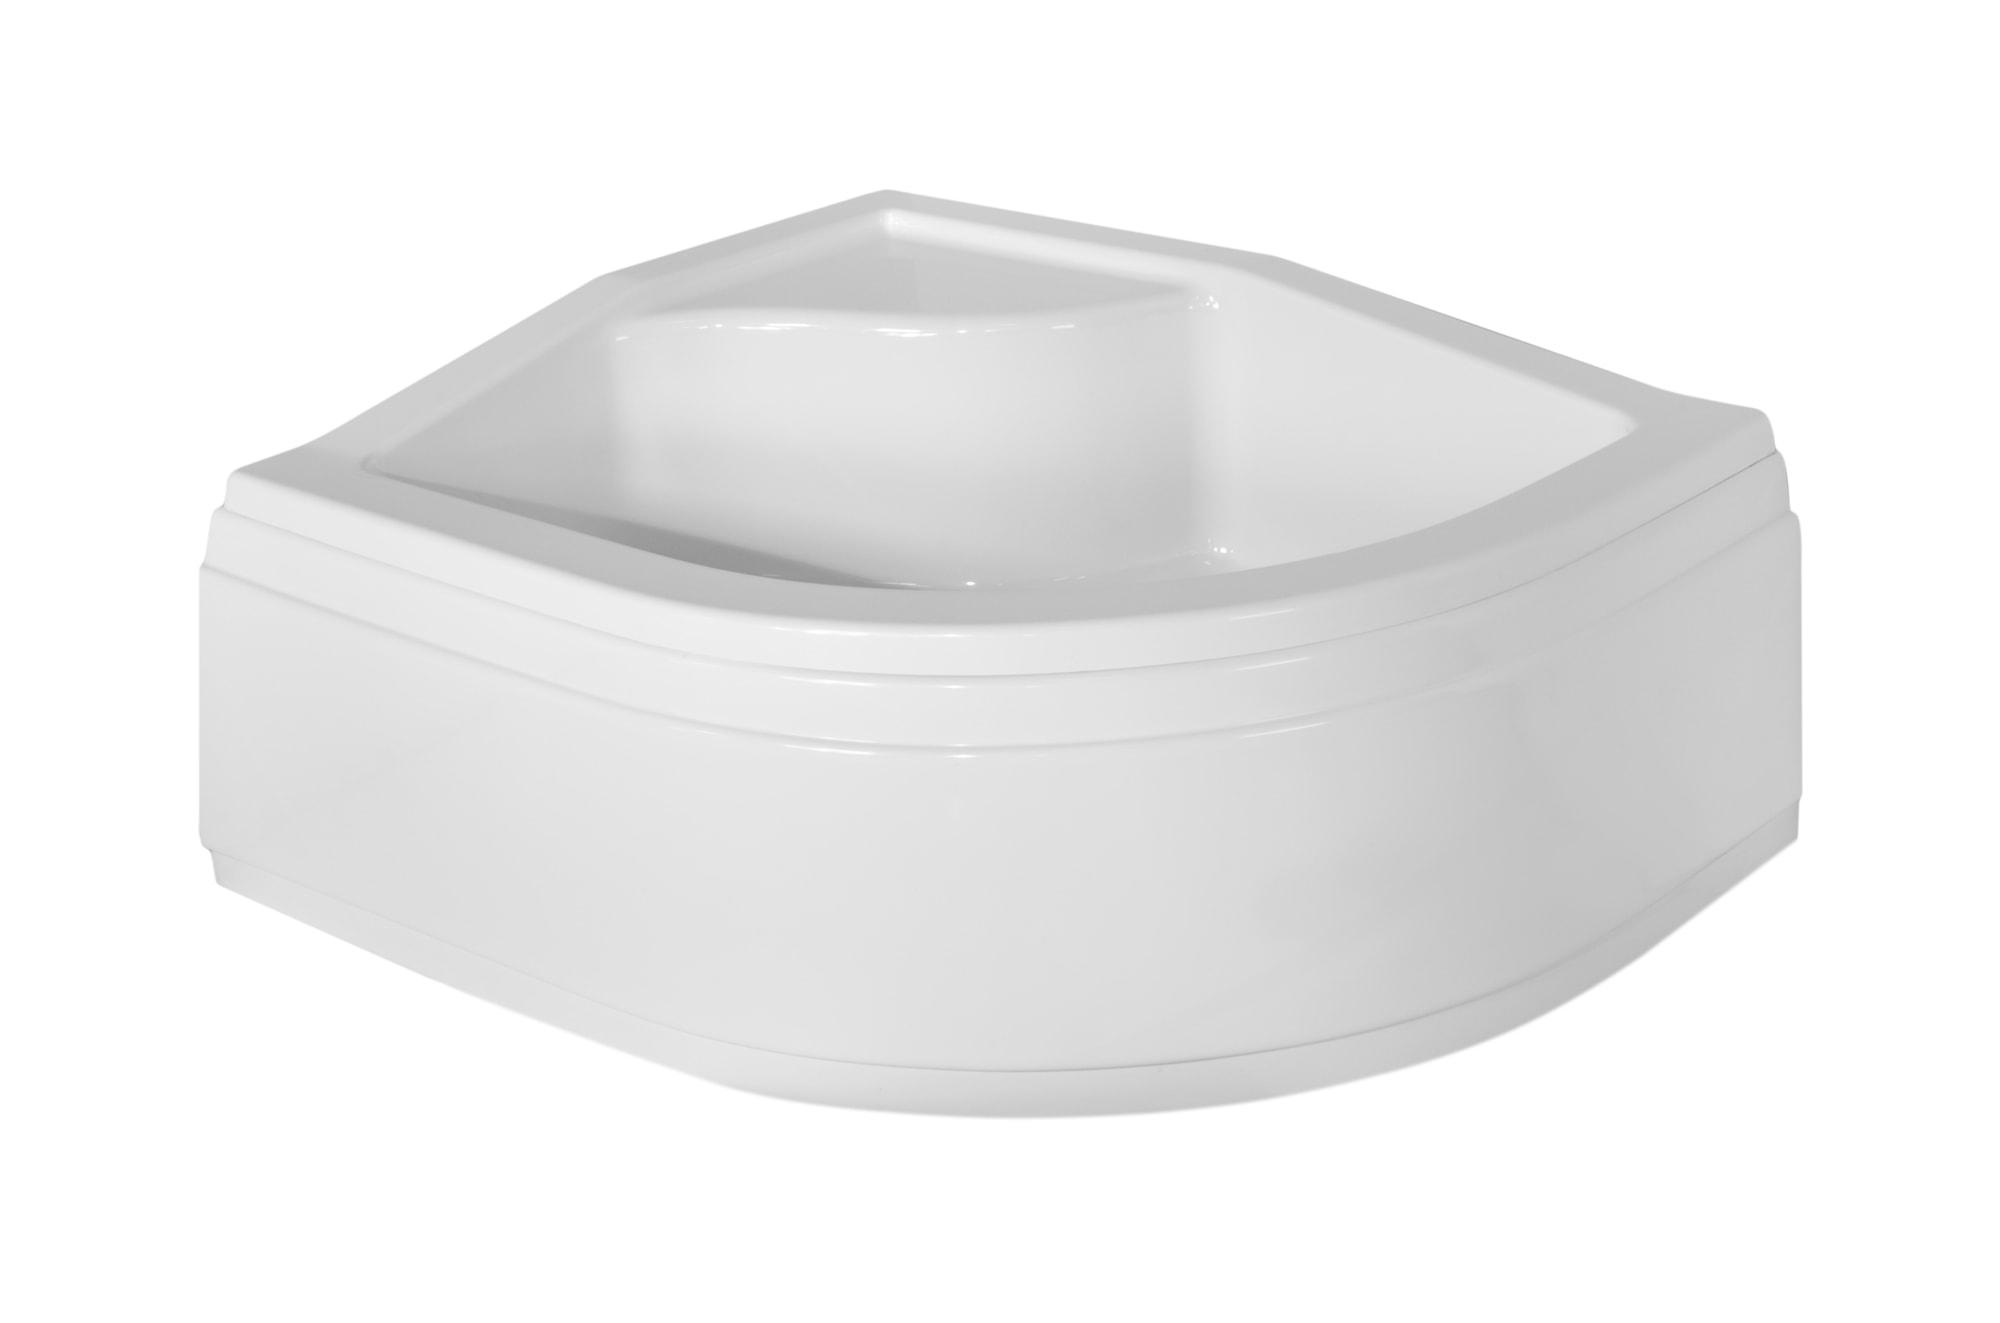 Brodzik asymetryczny Besco Maxi 100P biały 100x80x24 BAM-100-NP